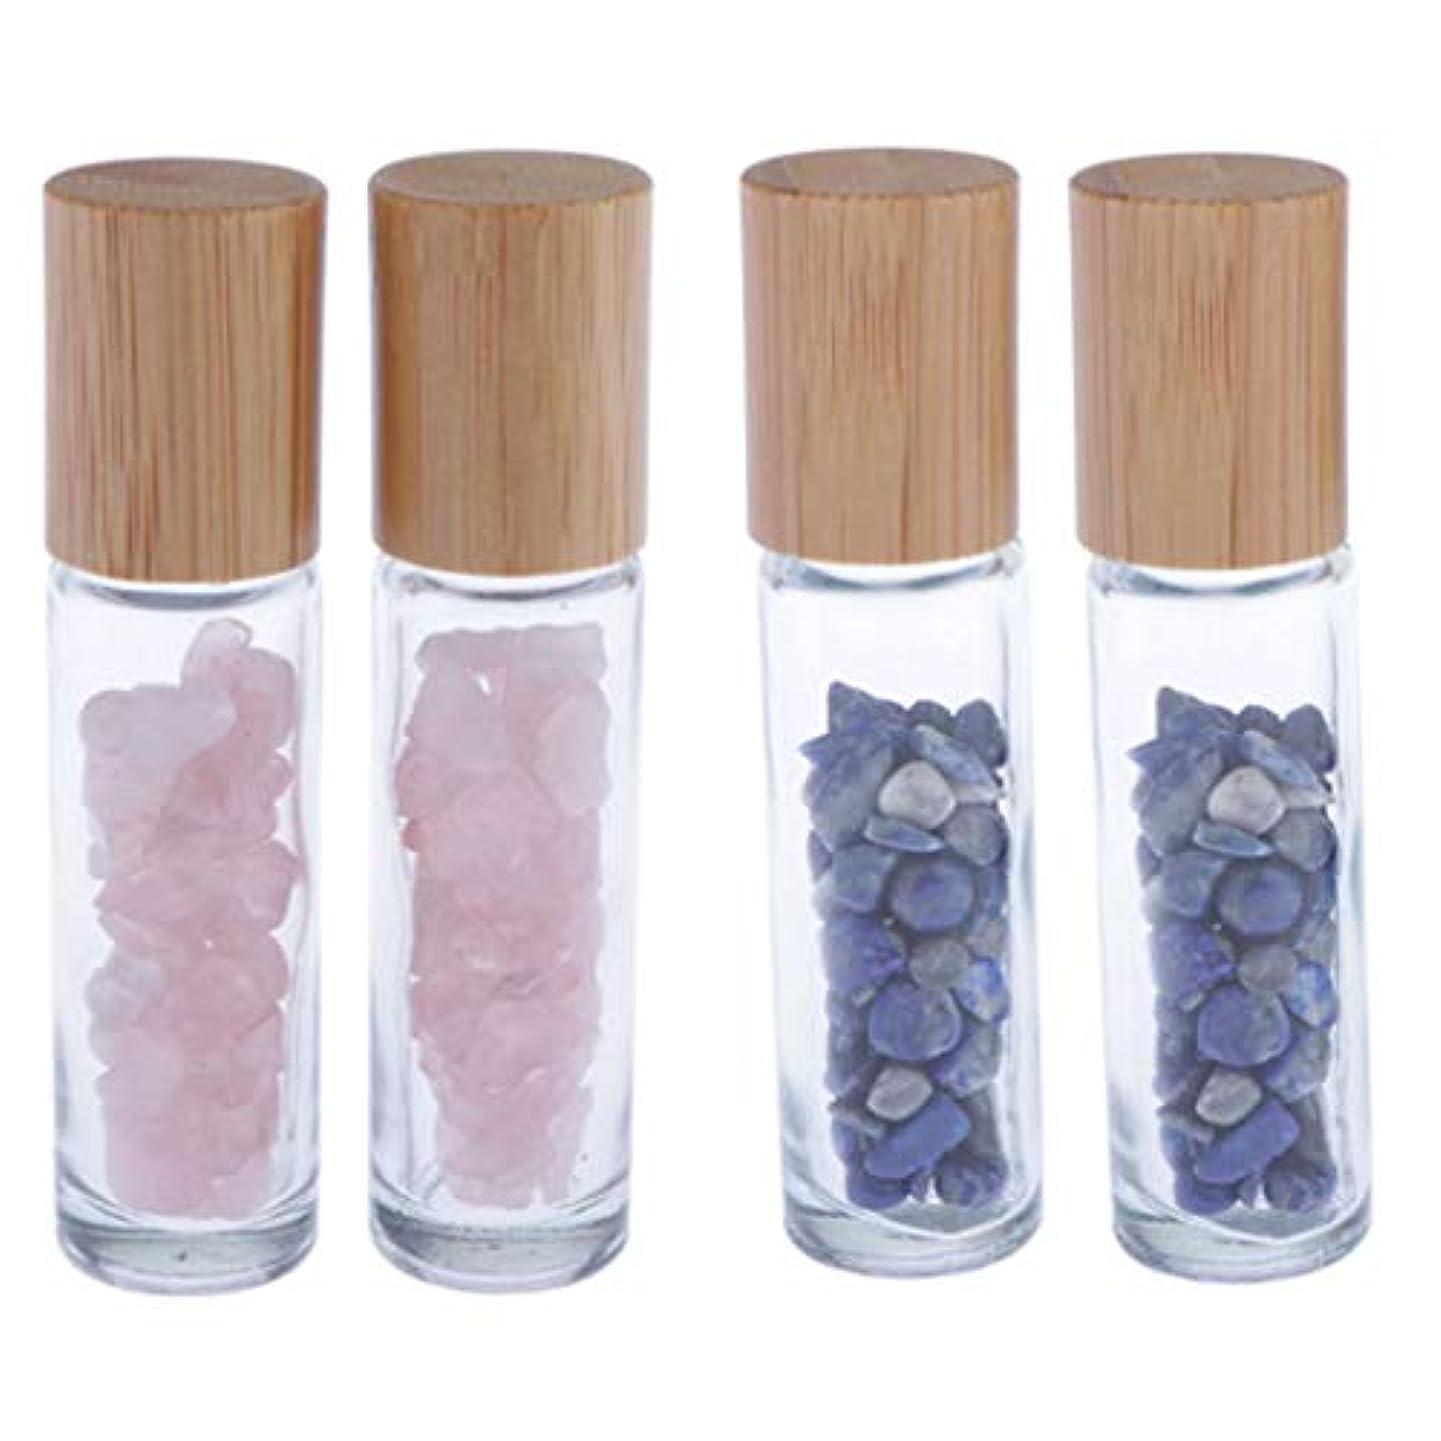 即席棚用量dailymall ローラーボール 香水 クリア 空 詰め替え可能な ローラーボトル ロールオンボトル